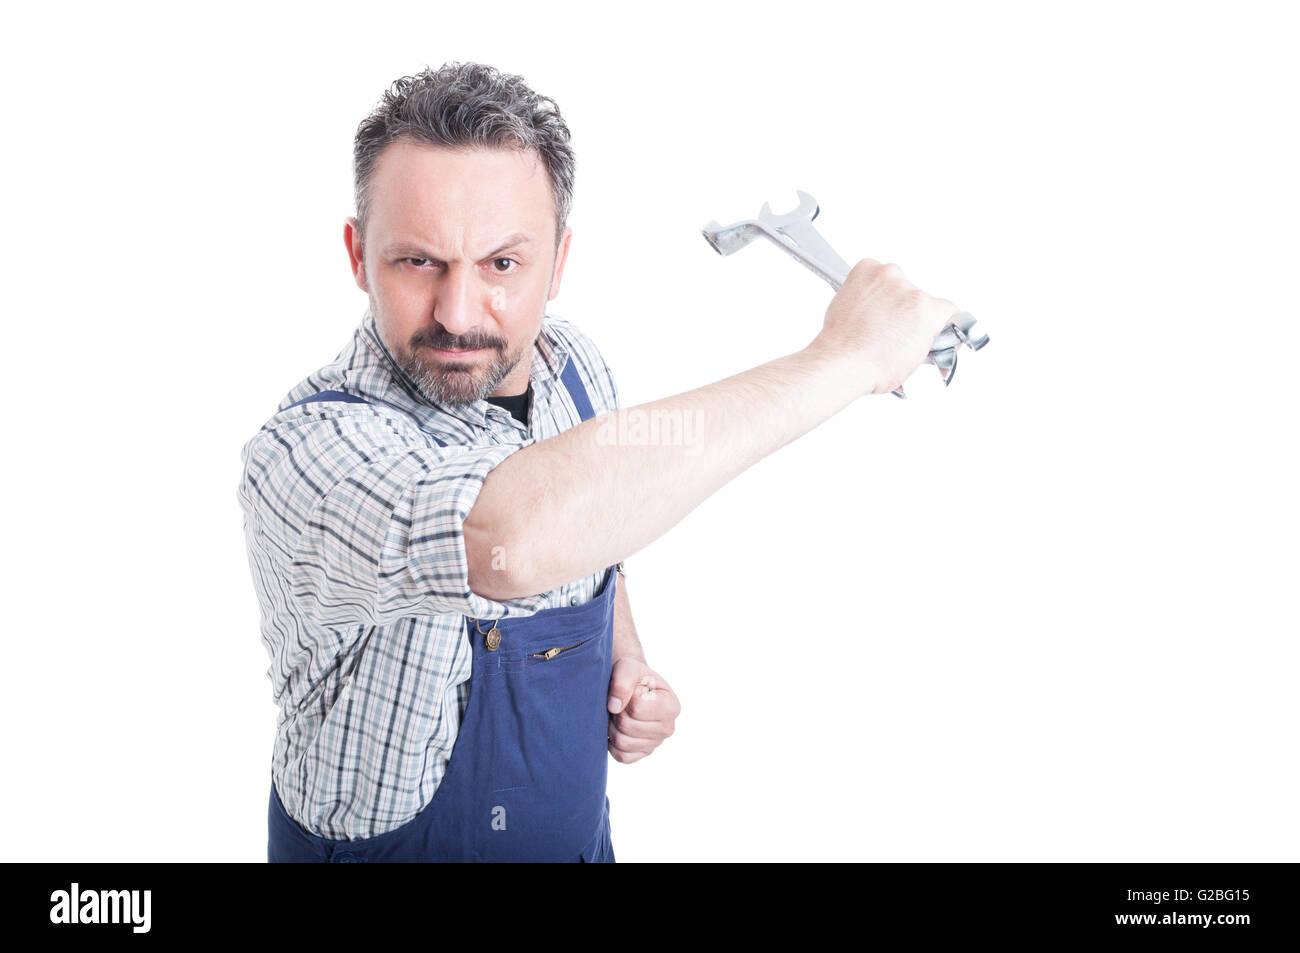 Mécanicien en colère en agissant avec une violence vêtements clé en acier isolé sur fond Photo Stock